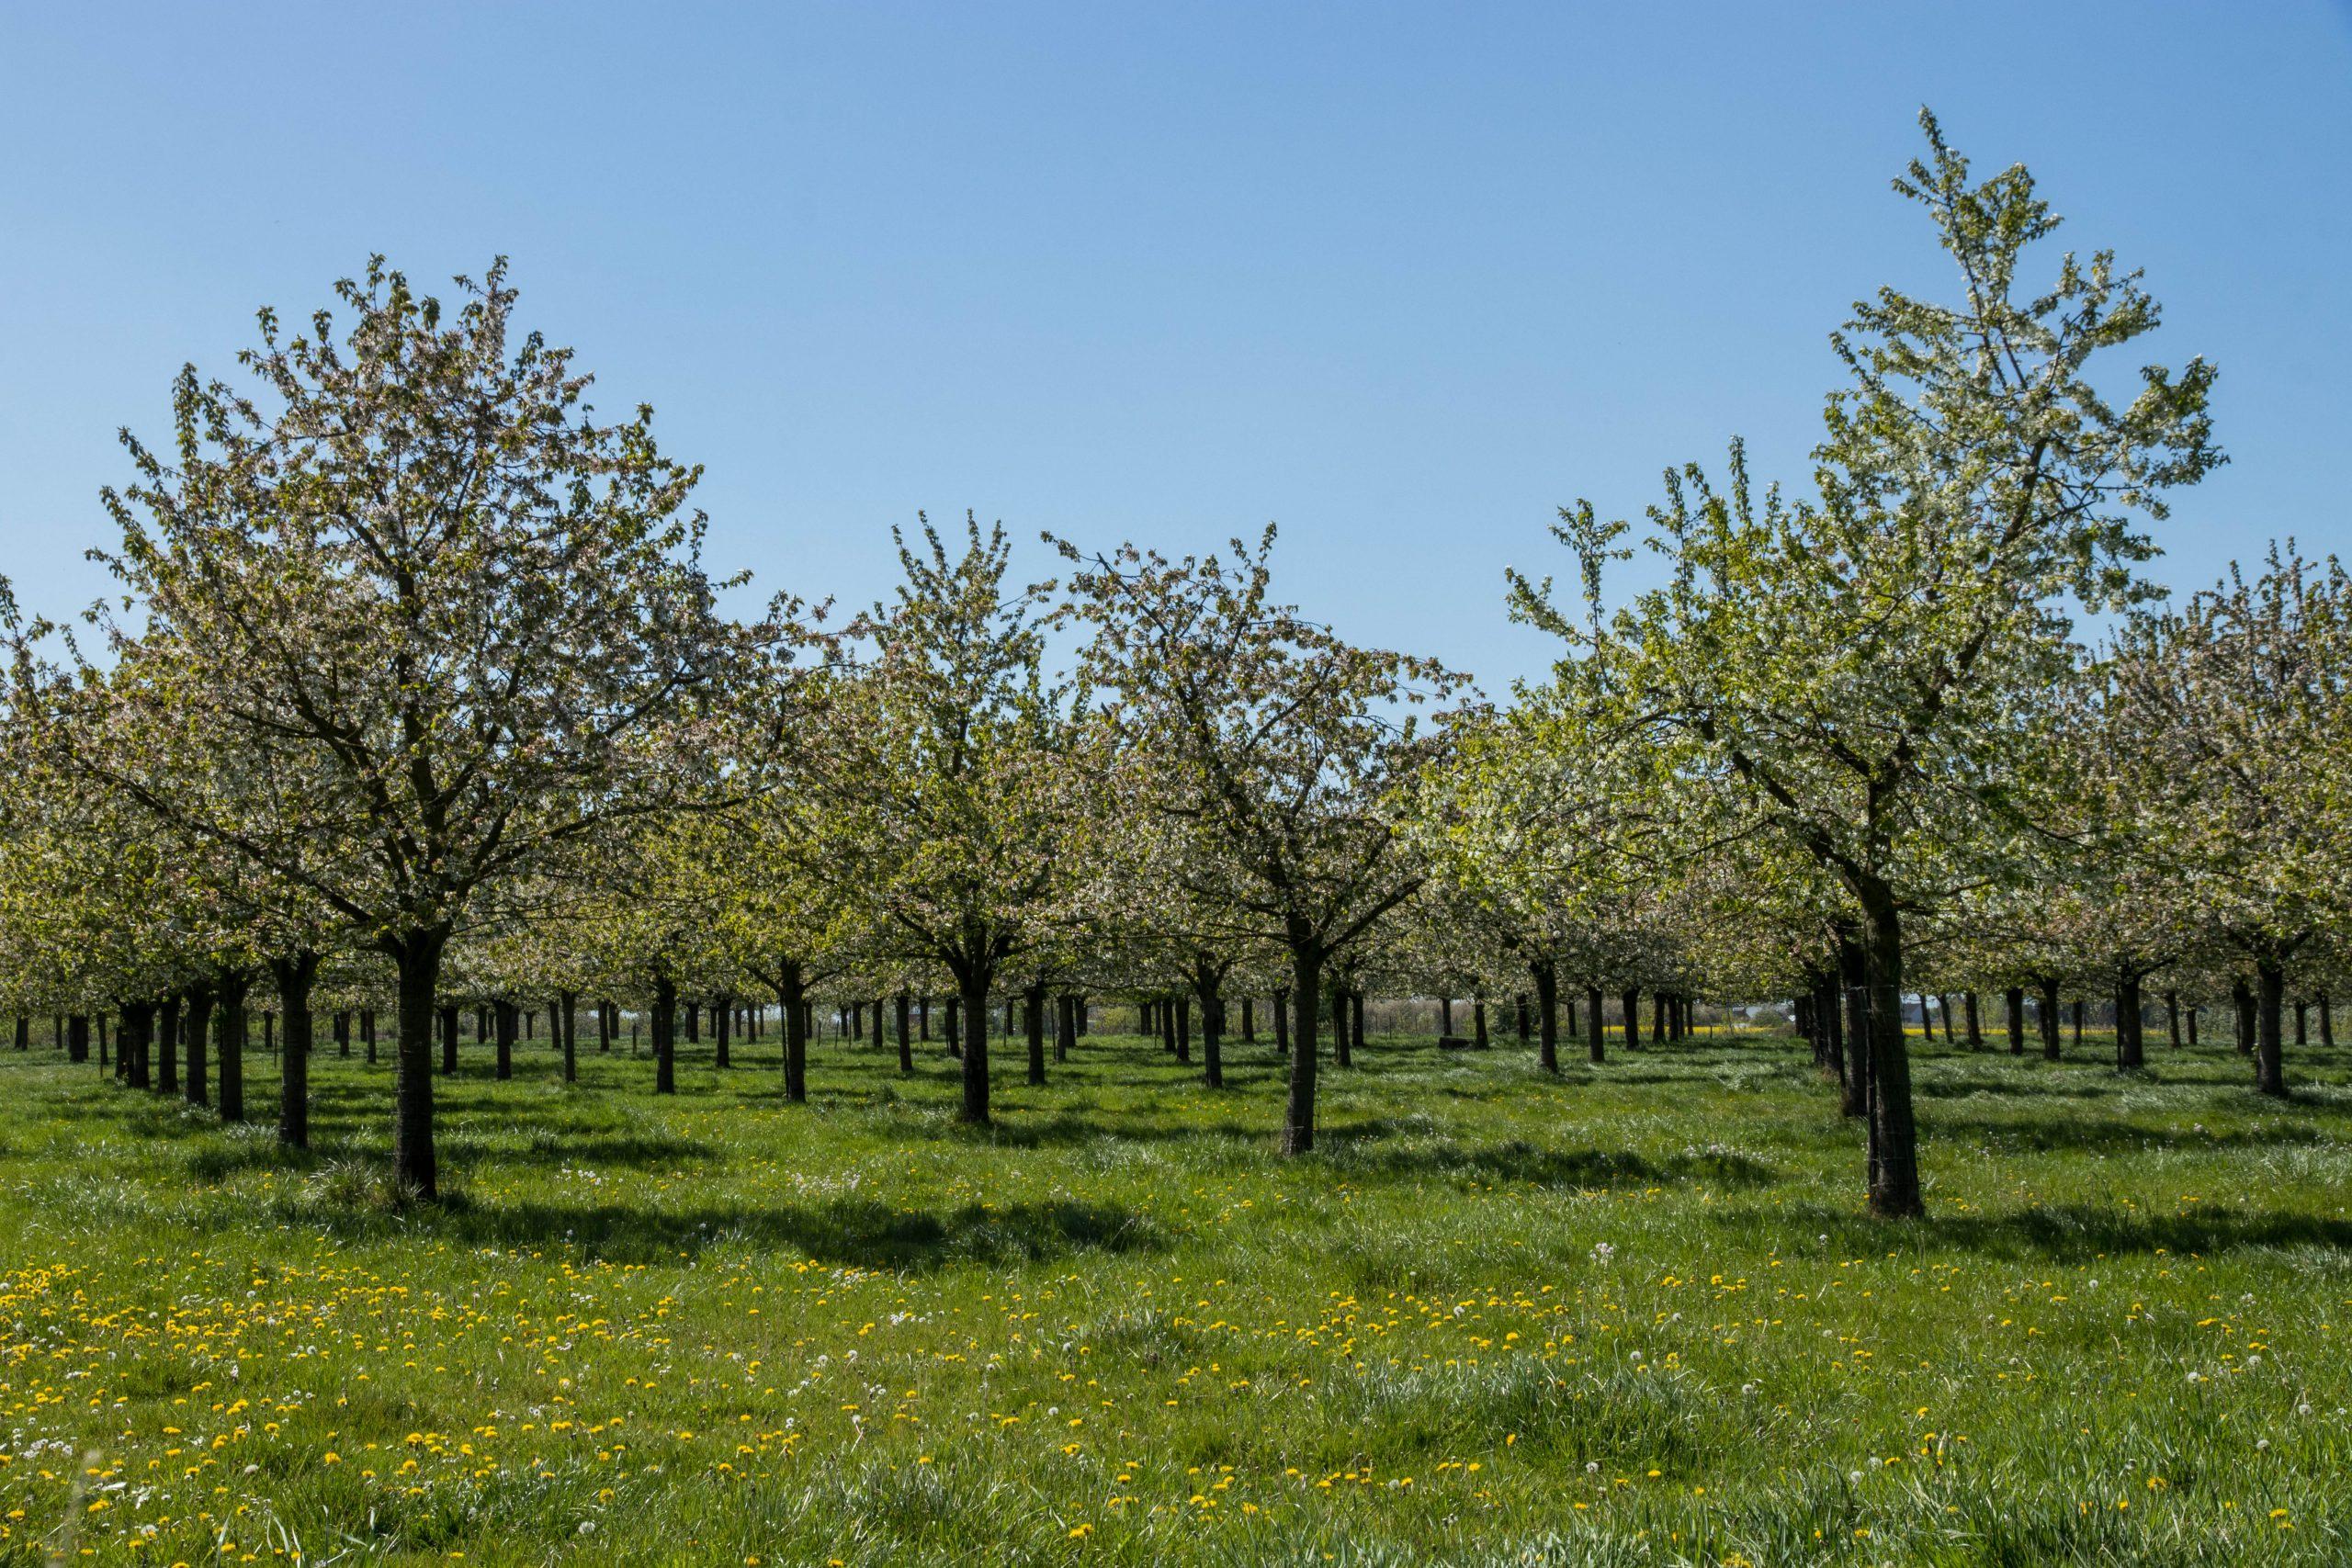 Fruitvalleiwandeling in Sint-Truiden: langs de fruitbomen en mooie picknickplekjes